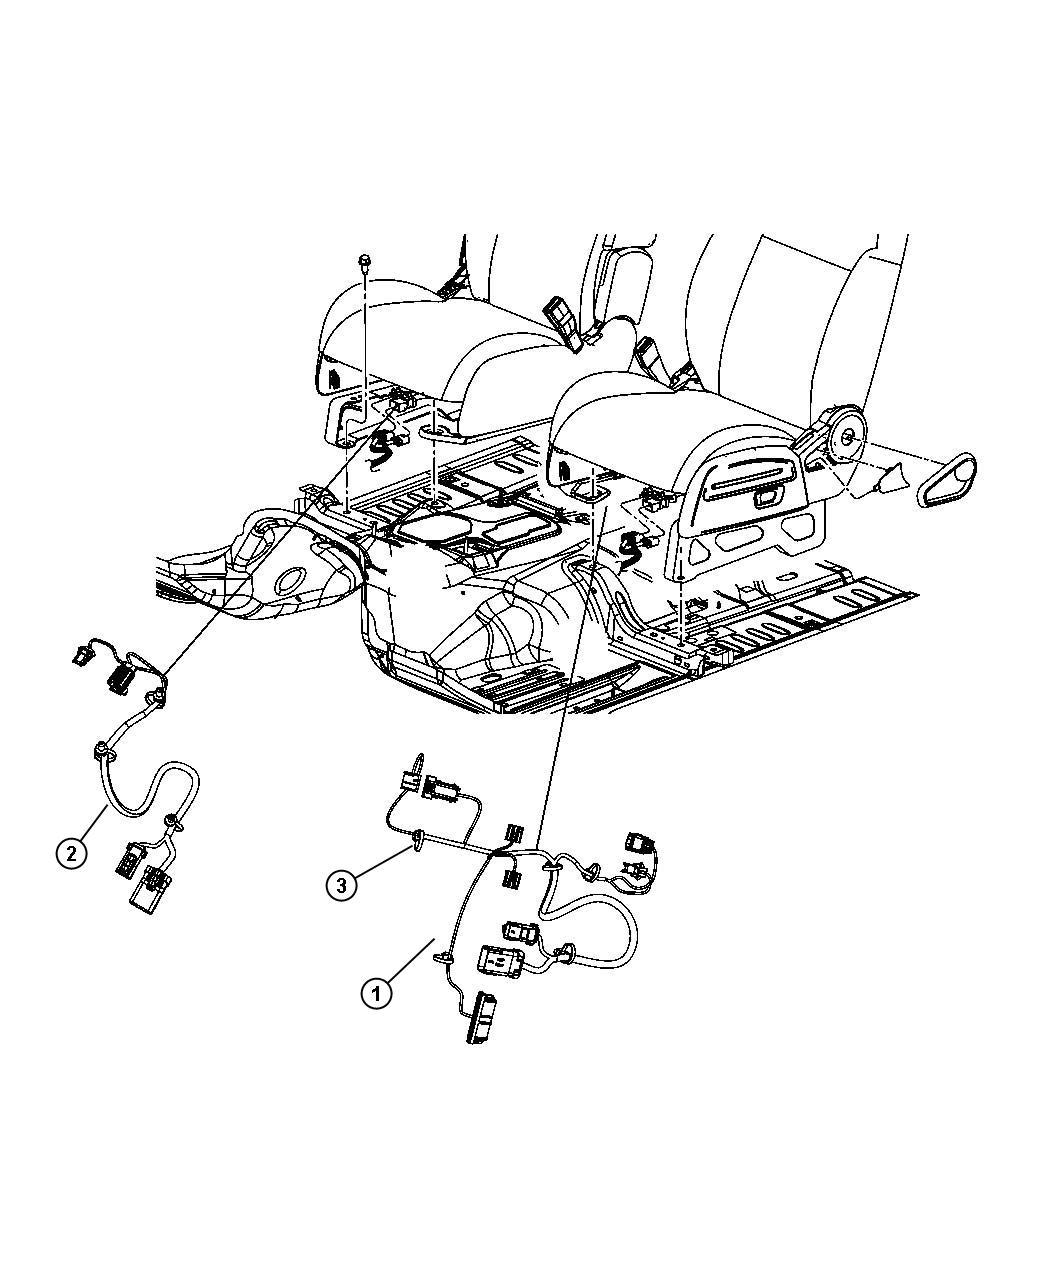 2010 dodge nitro wiring  seat  6 way power  fold flat seat